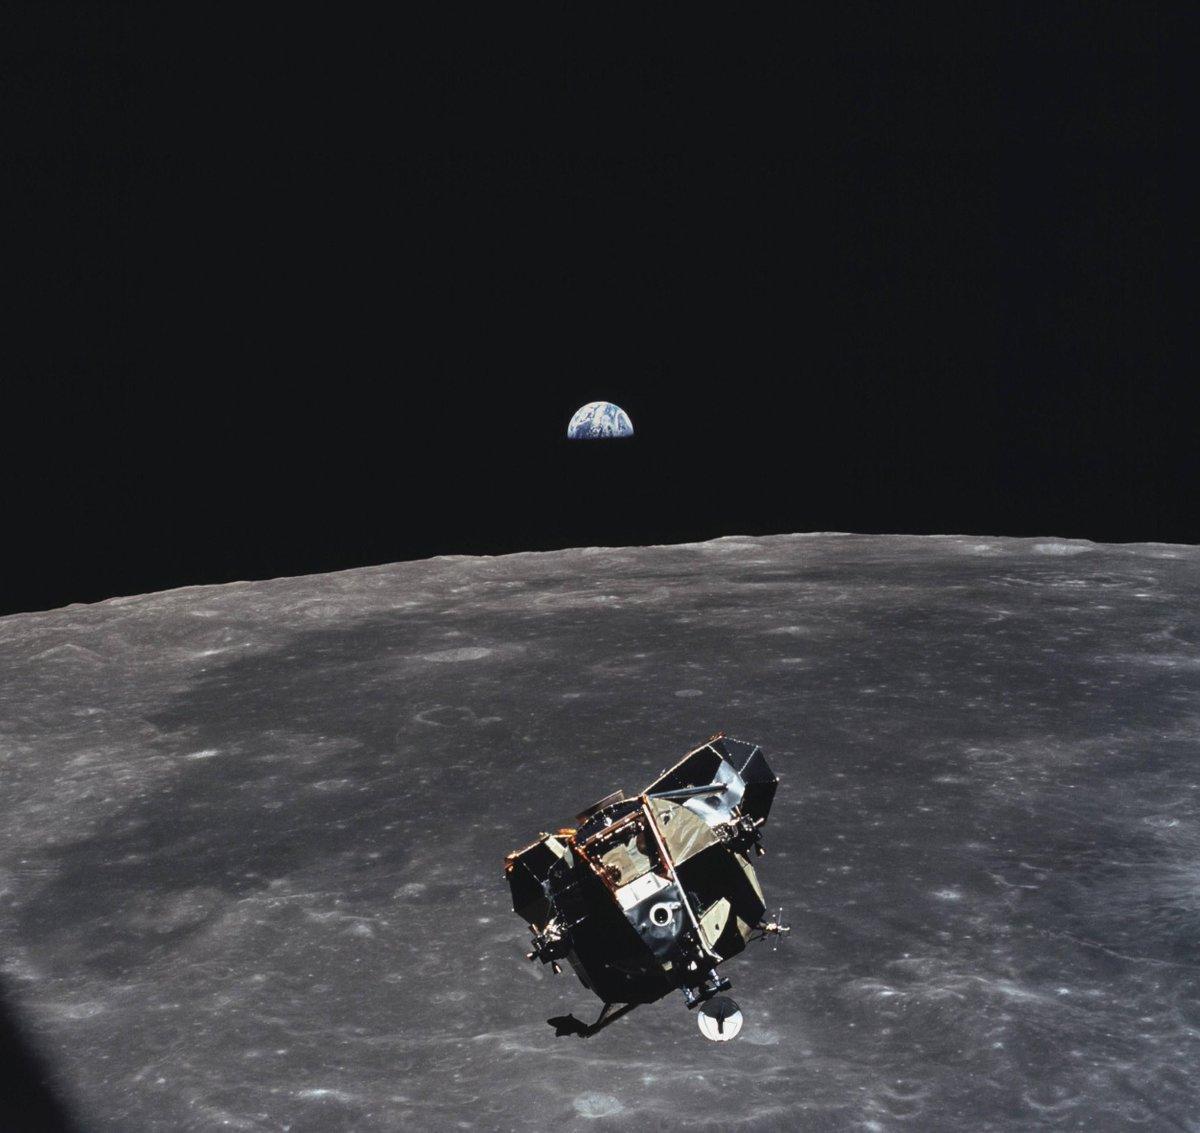 En esta foto tomada por el señor Collins, salen todos los humanos vivos y muertos que existen y existieron, menos él.